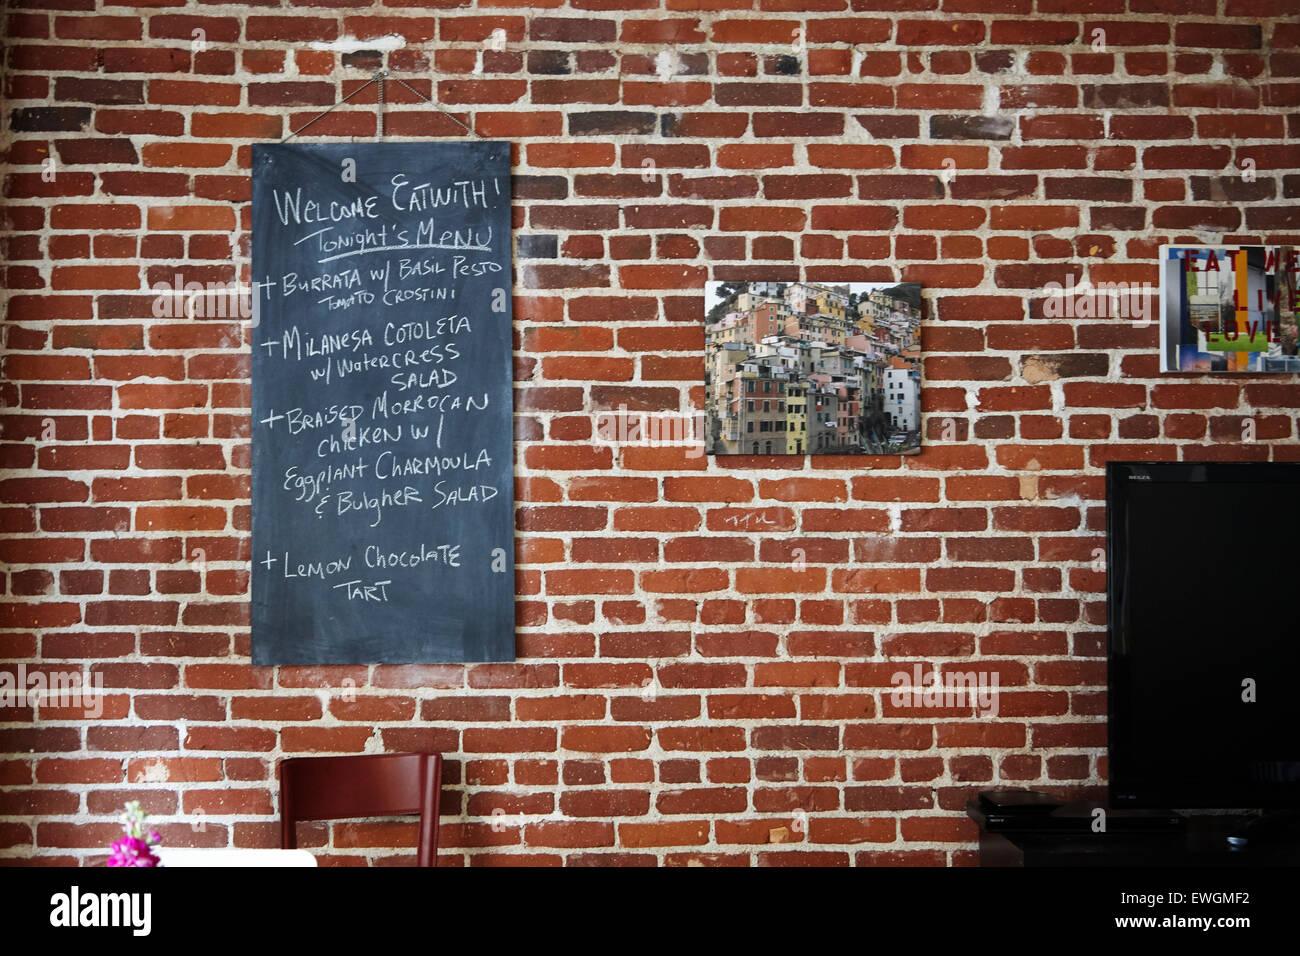 Pared de ladrillo rojo con tiza menú board Imagen De Stock